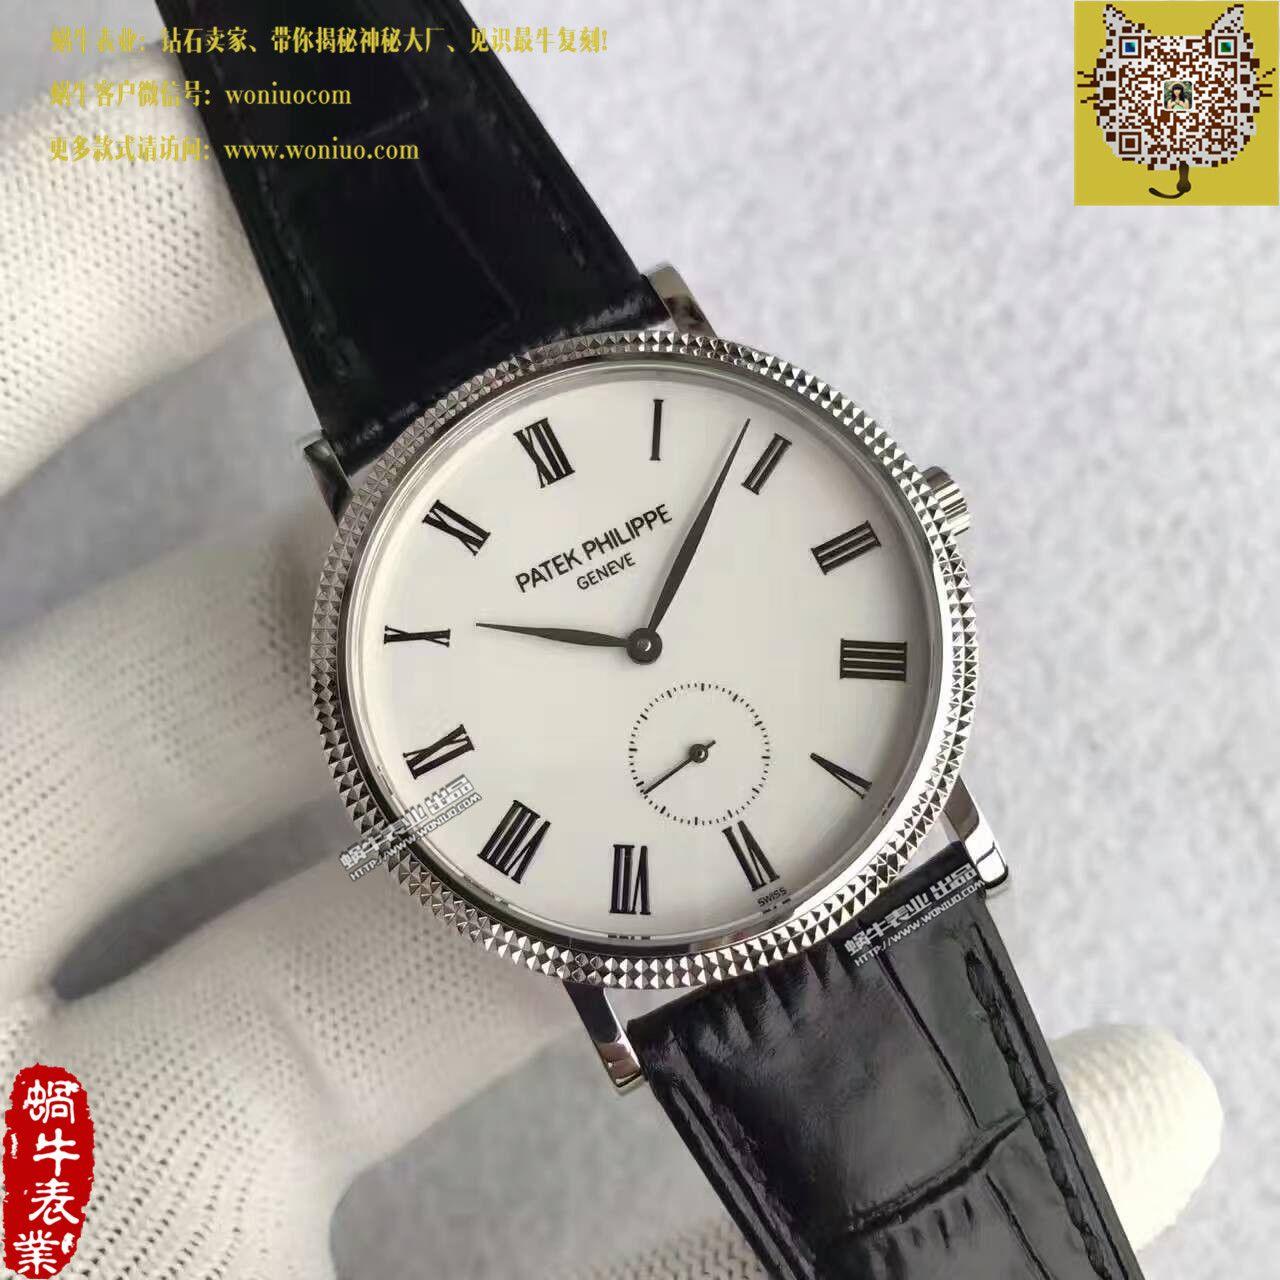 【台湾厂一比一超A精仿手表】百达翡丽古典表系列5119G-001腕表